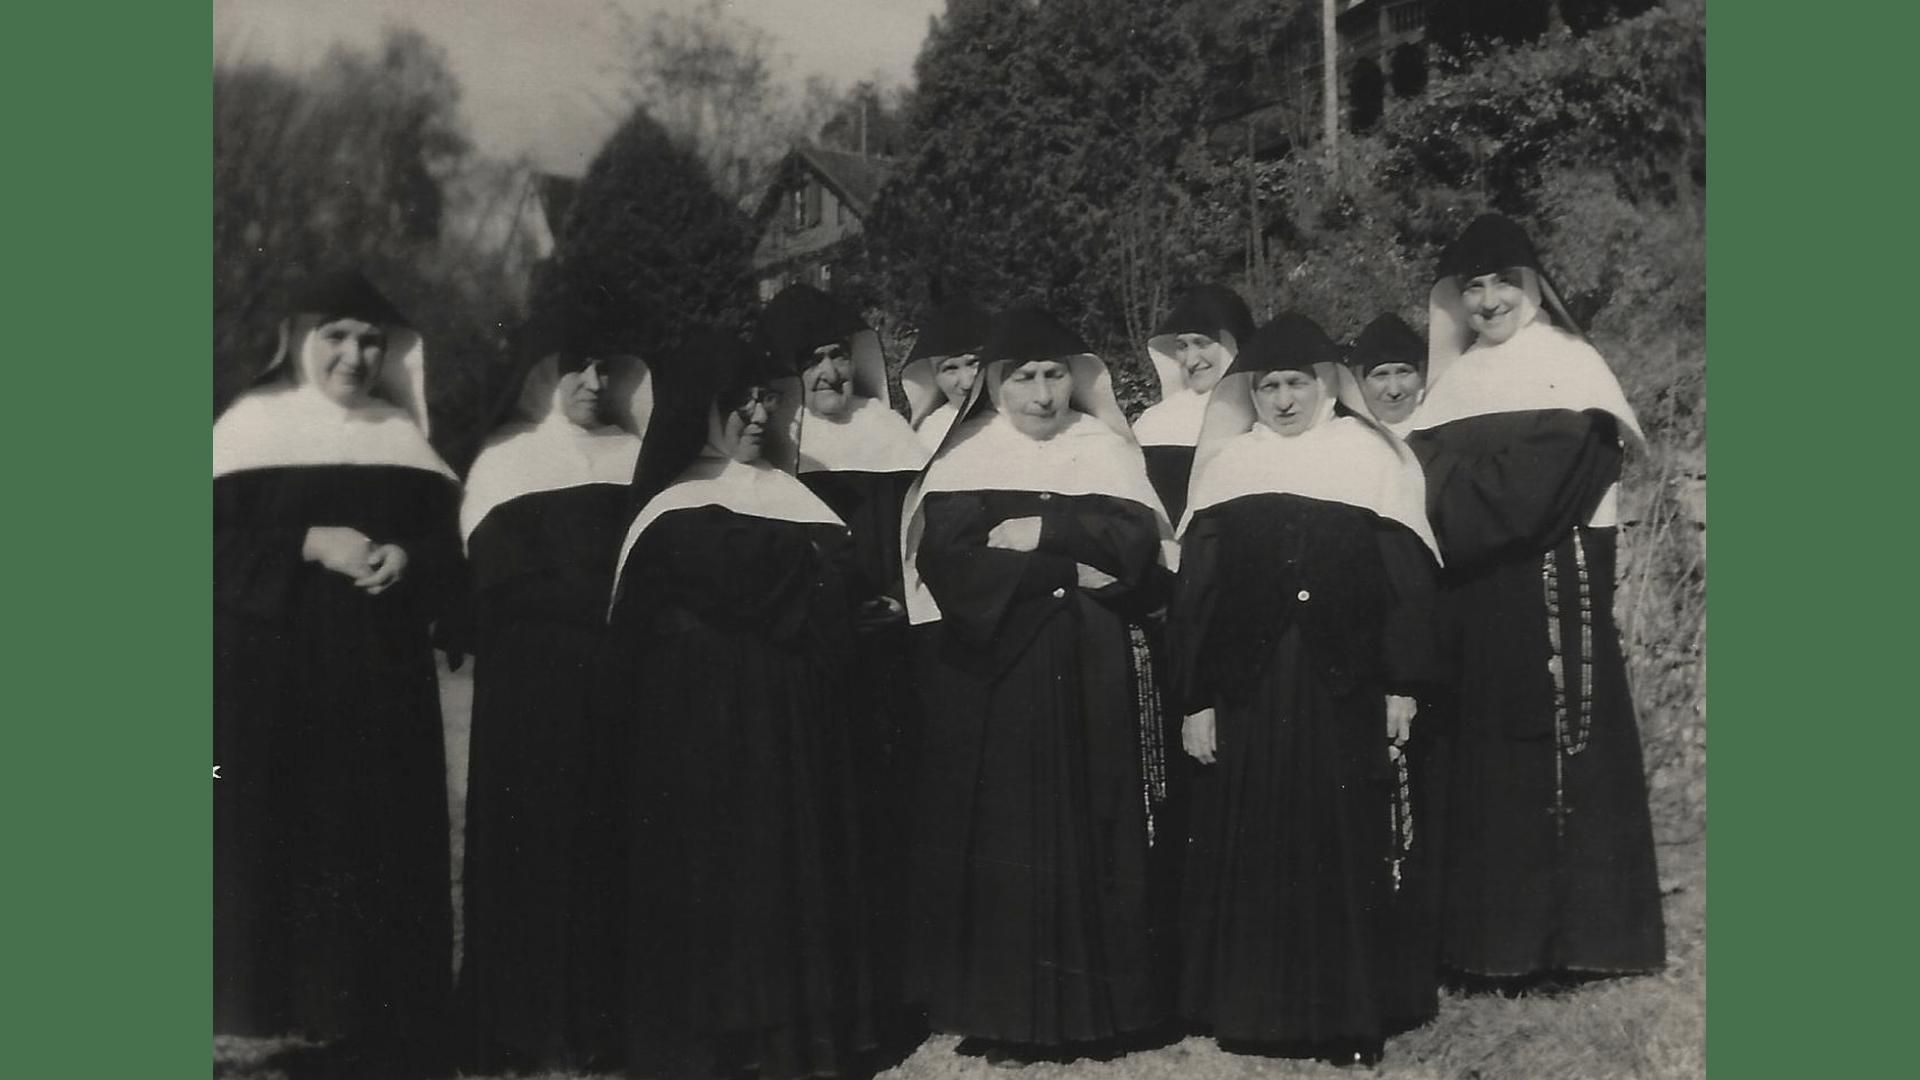 Arme Schulschwestern von Unserer Lieben Frau, - Übernahme des Hauses am Berg  und Einzug 1957 – Foto: Archiv Arme Schulschwestern